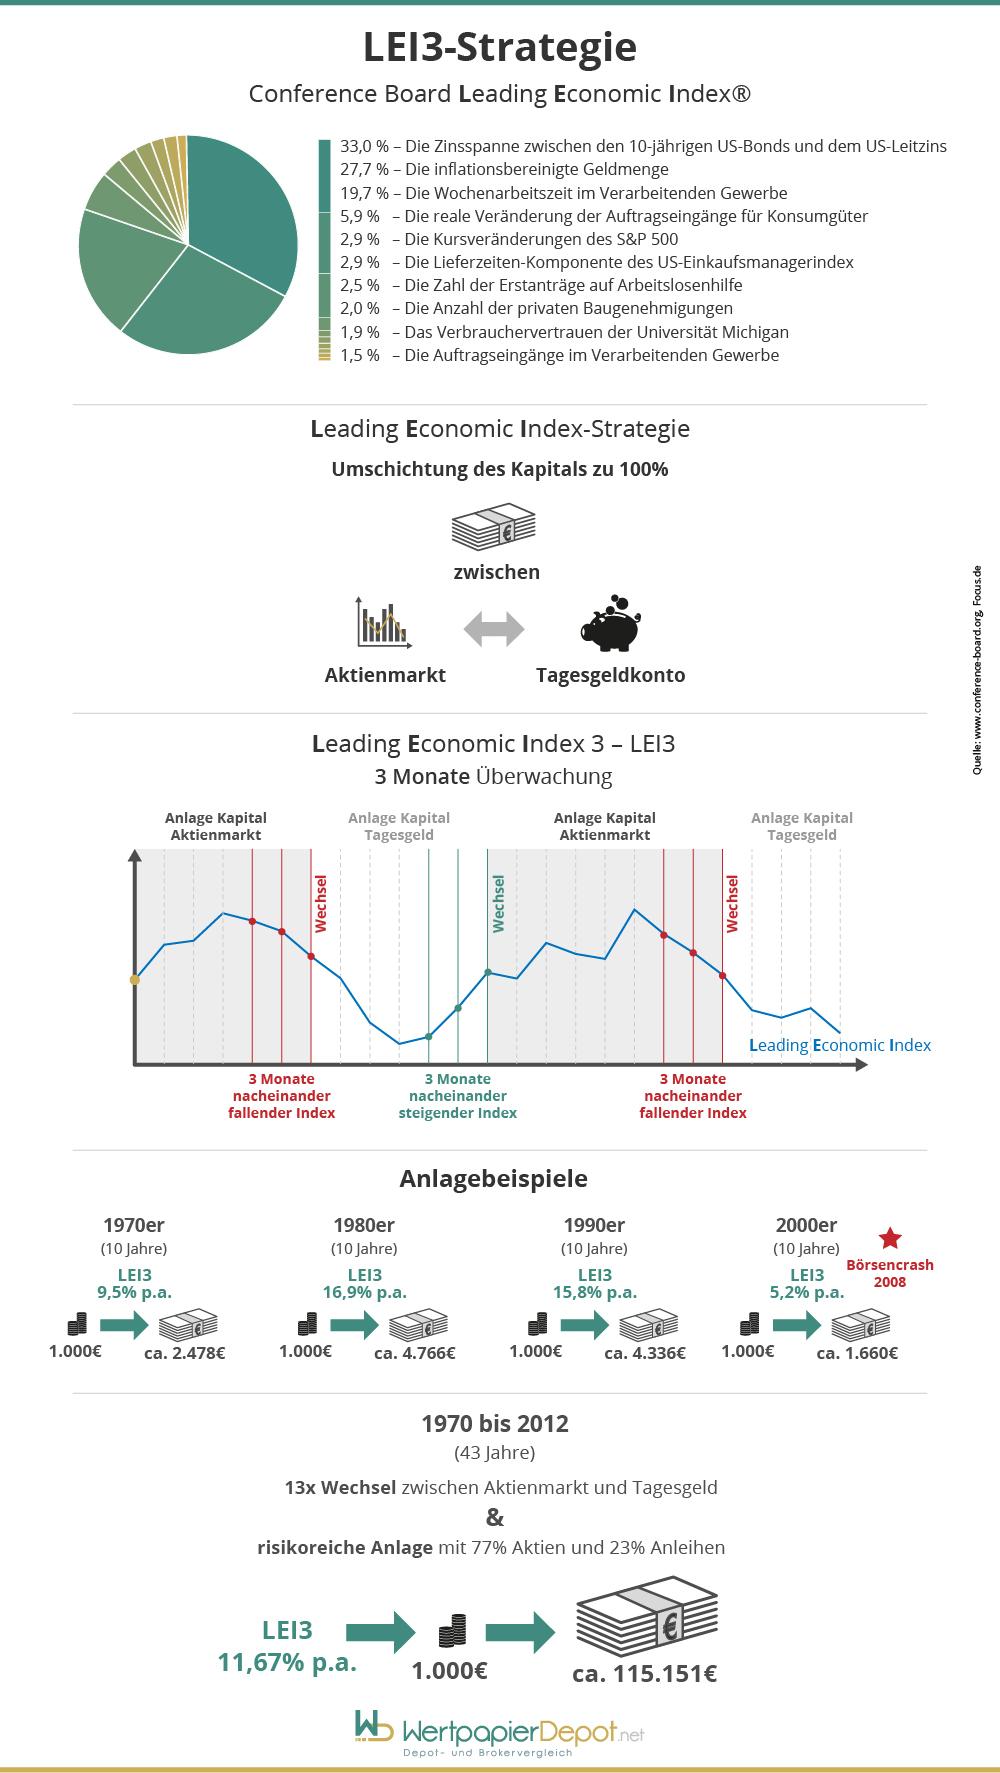 Die LEI3-Strategie im Überblick